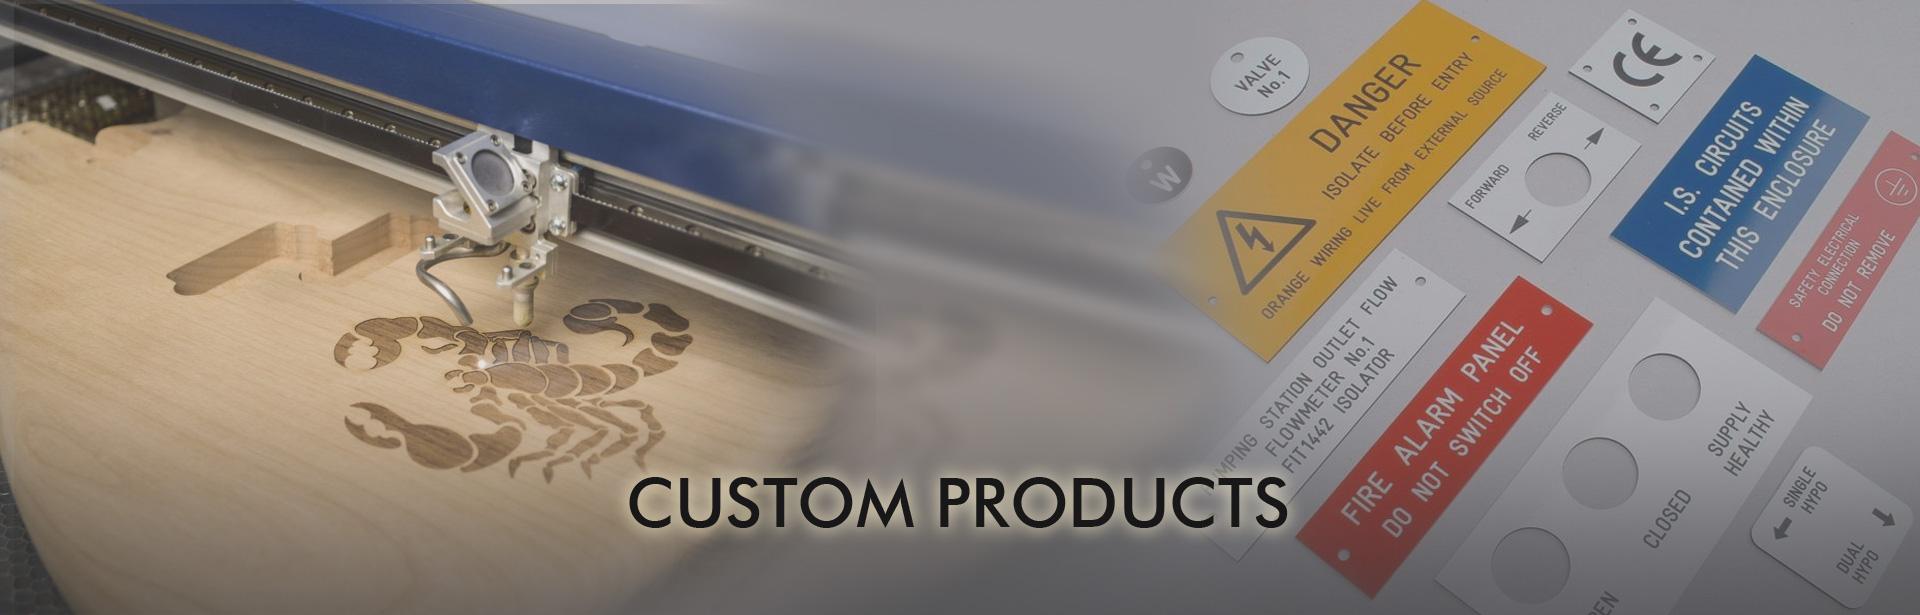 ett_banner_custom